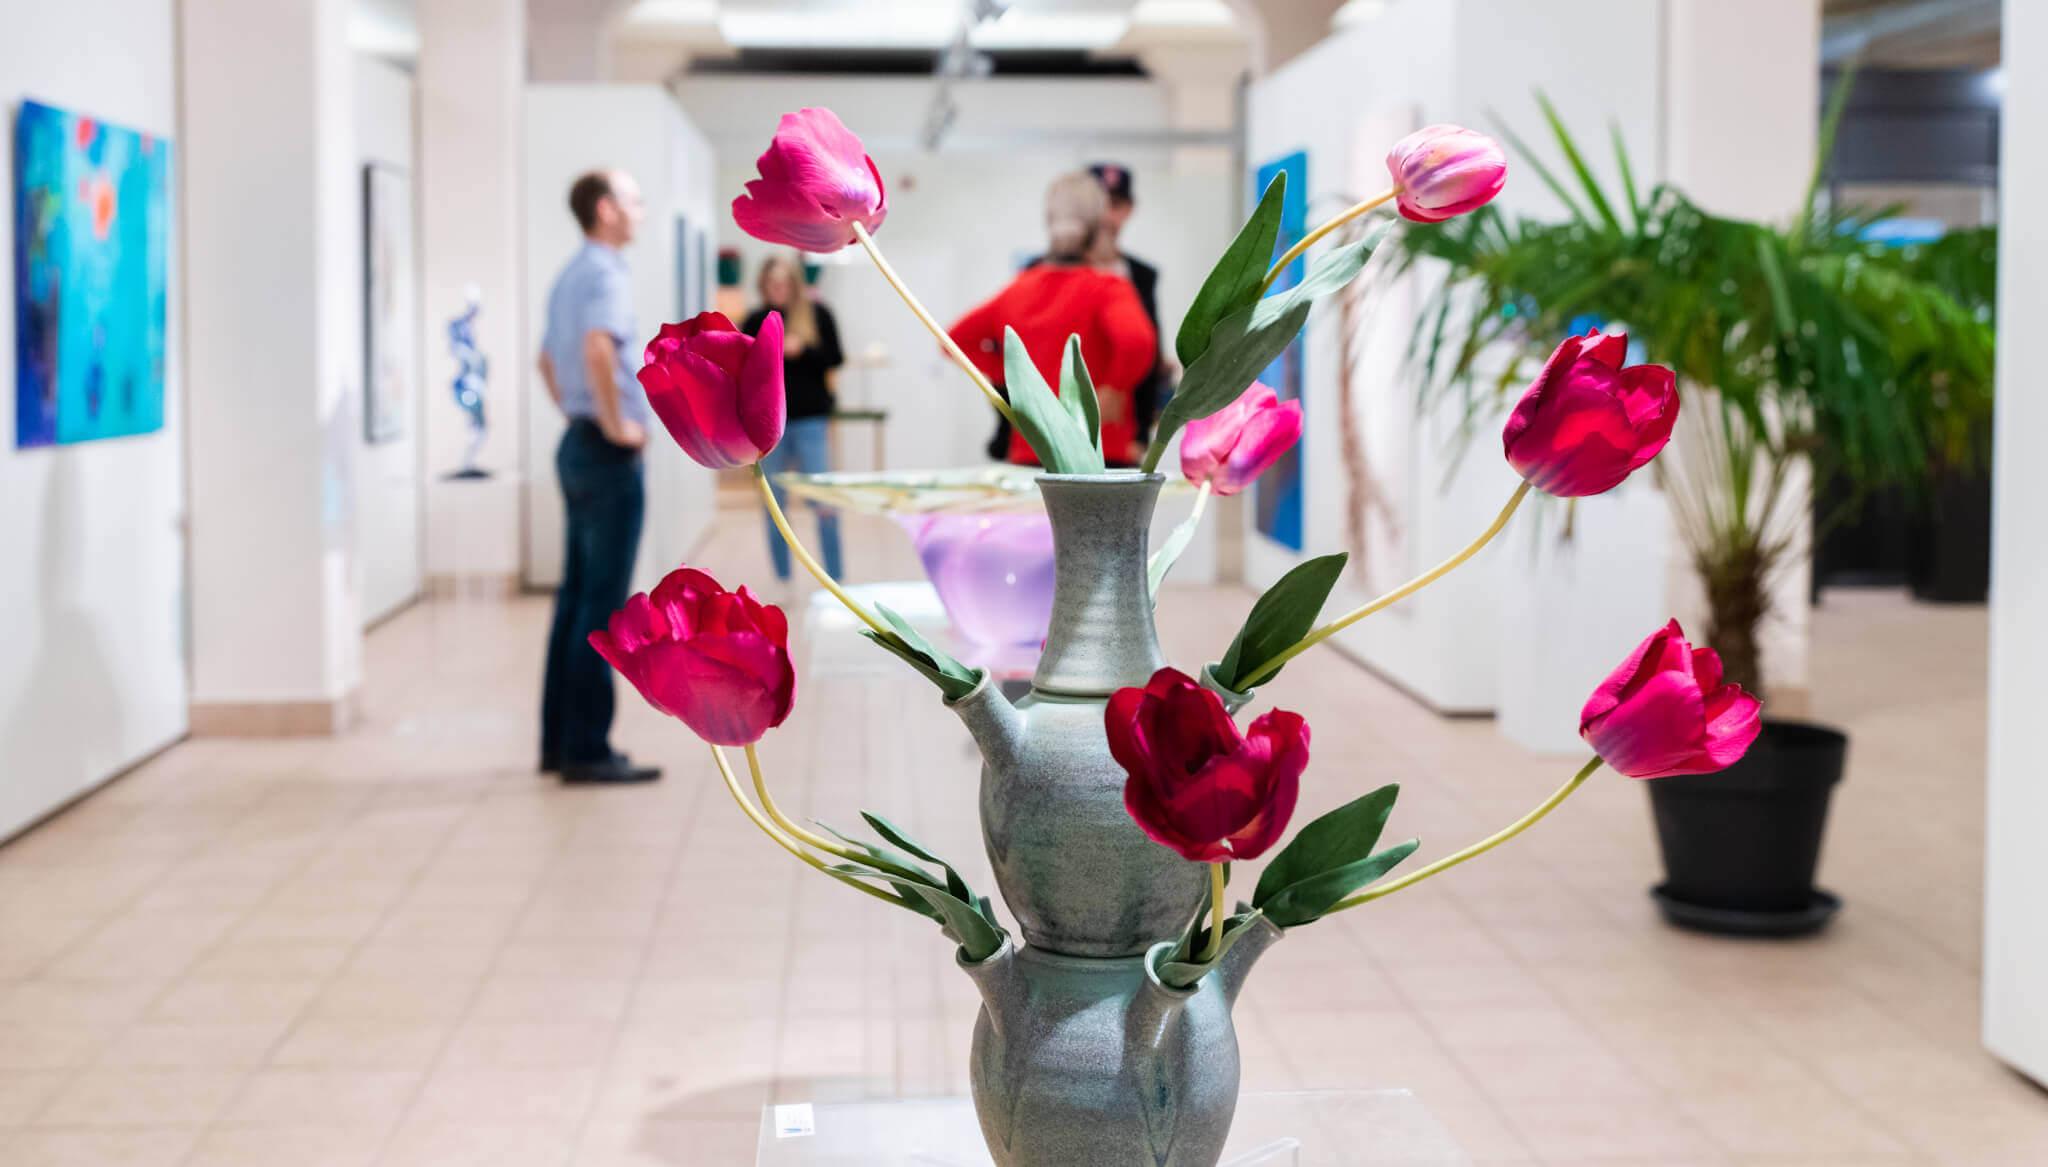 Meet the local in Aalsmeer: Constantijn from Flower Art Museum